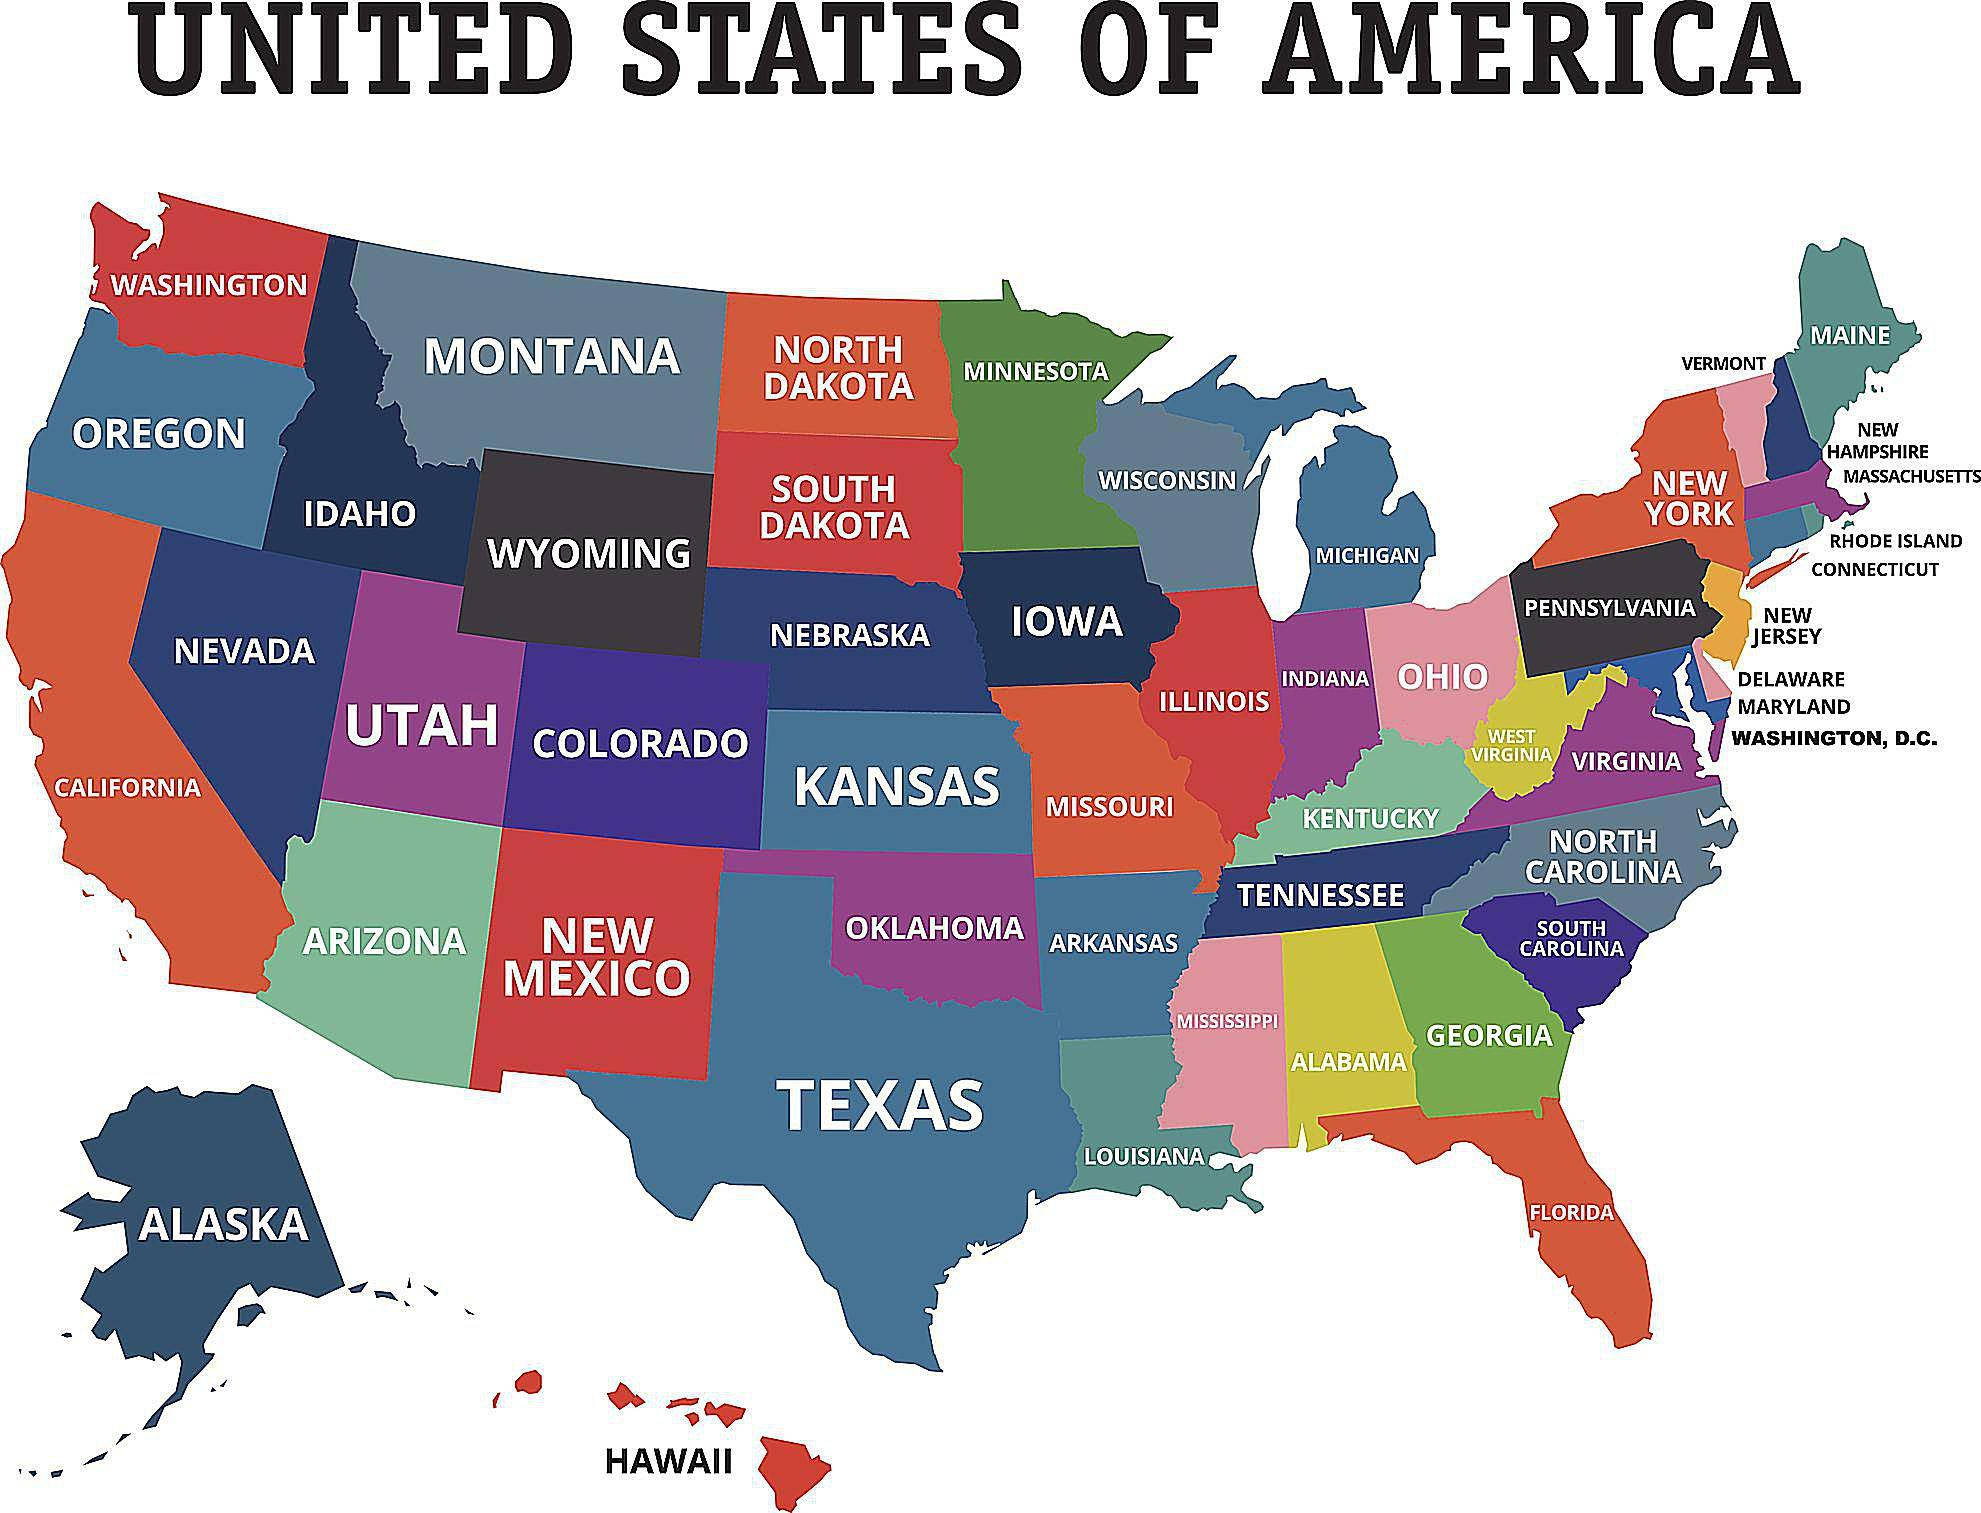 Sad 50 Drzava Karta Karta Sad U 50 Americkih Drzava Sjeverna